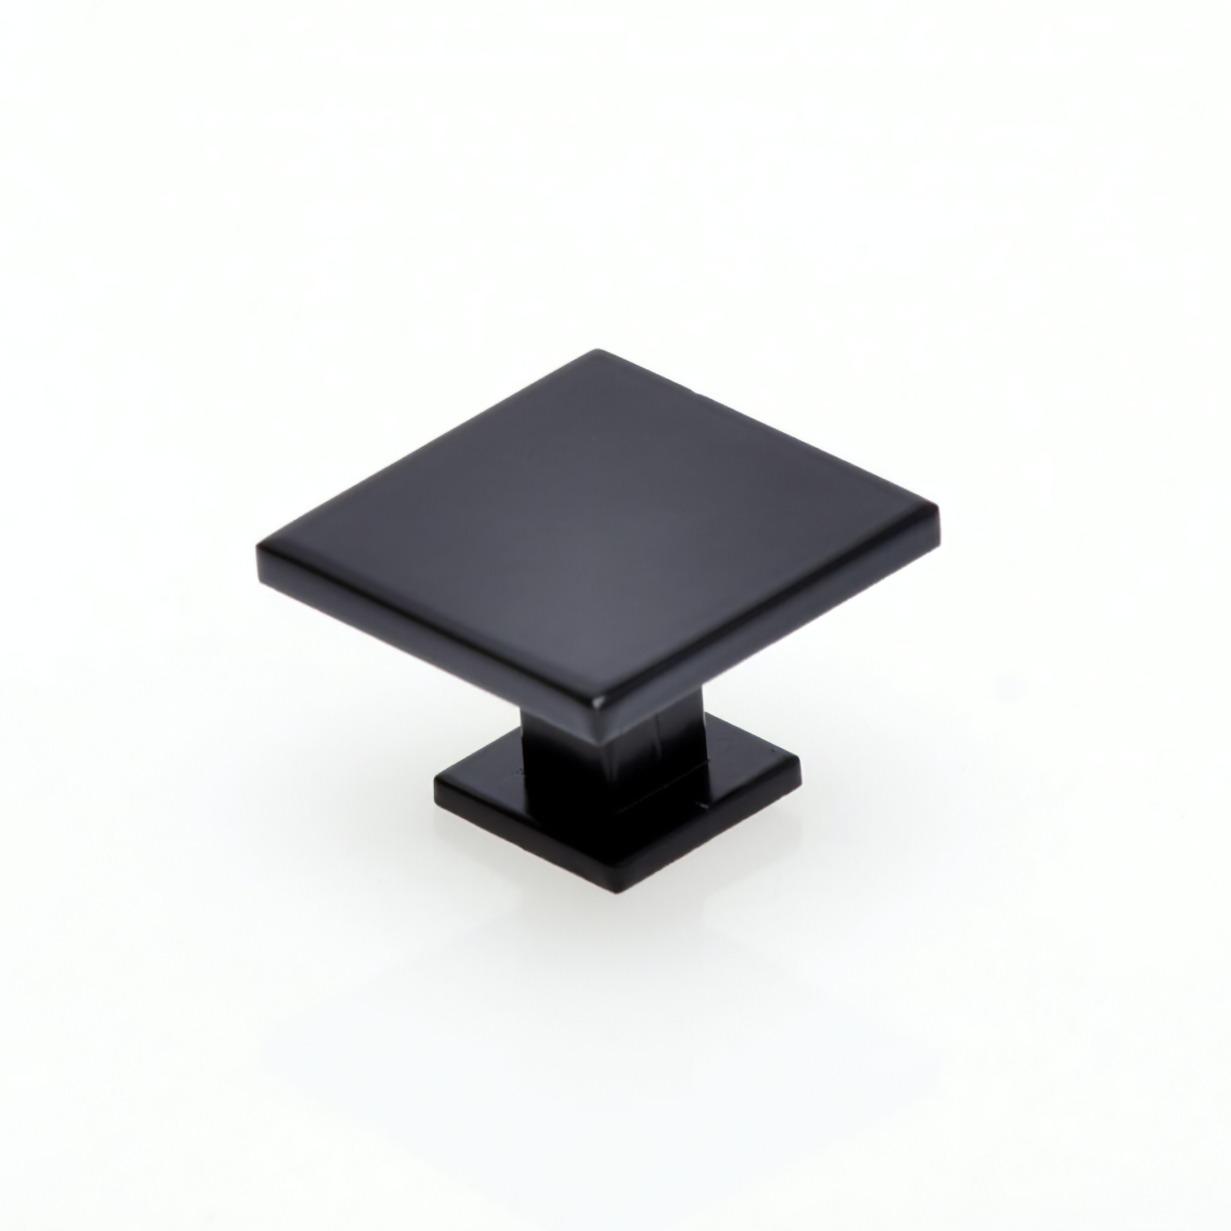 Puxador para Moveis Quadrado Preto Fosco 35mm - Hastvel